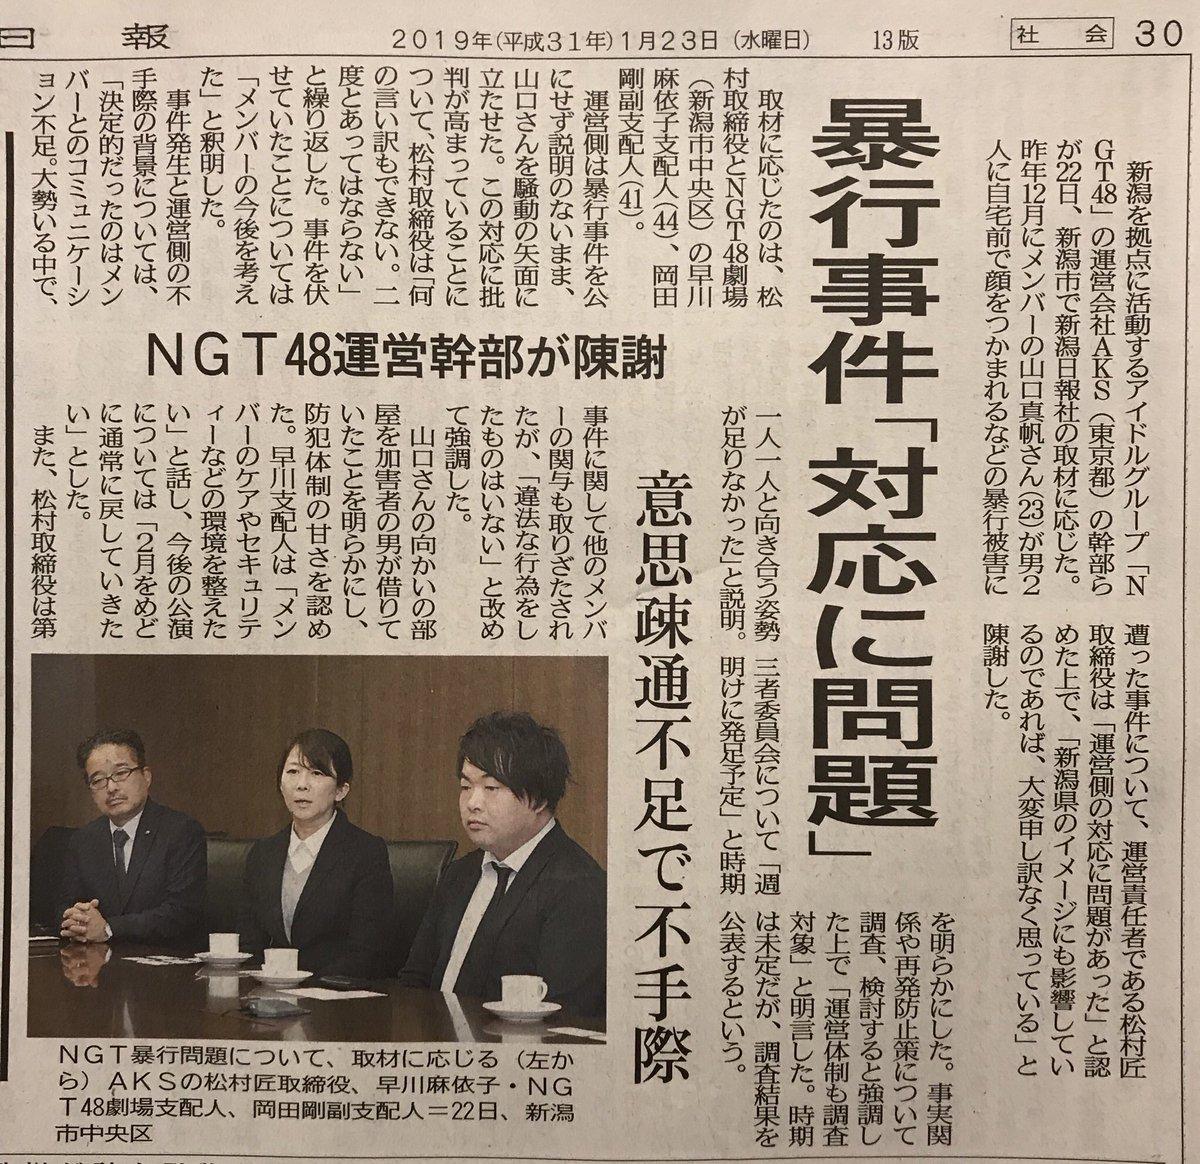 住宅情報サイトがNGT事件の核心へ迫る記事を掲載